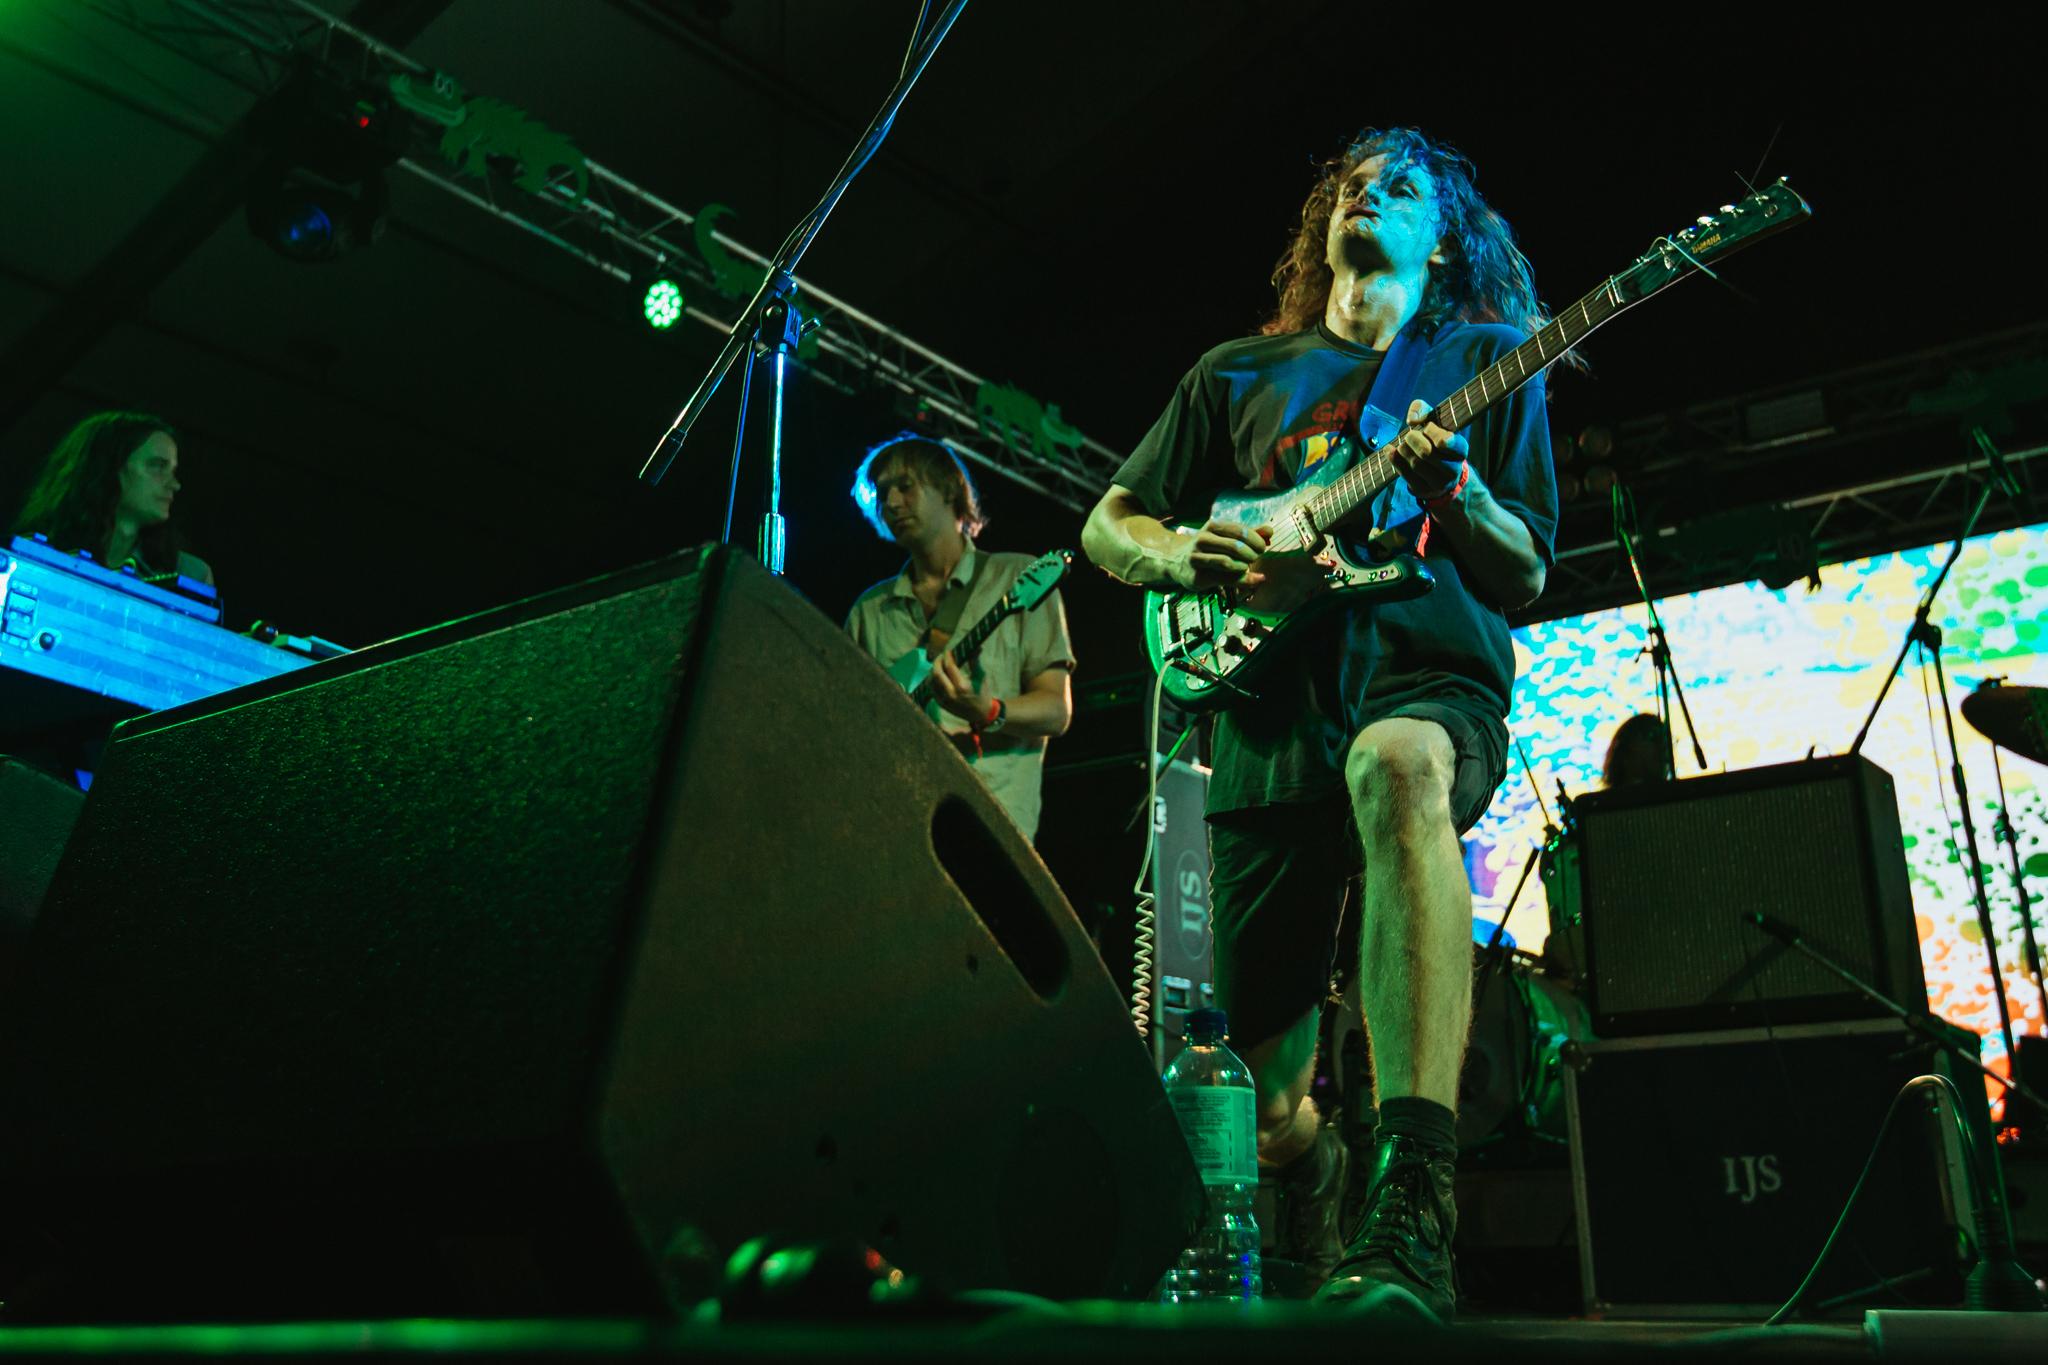 Mitch Lowe Photo - Gizzfest 2016 - King Gizzard & The Lizard Wizard-2229.jpg